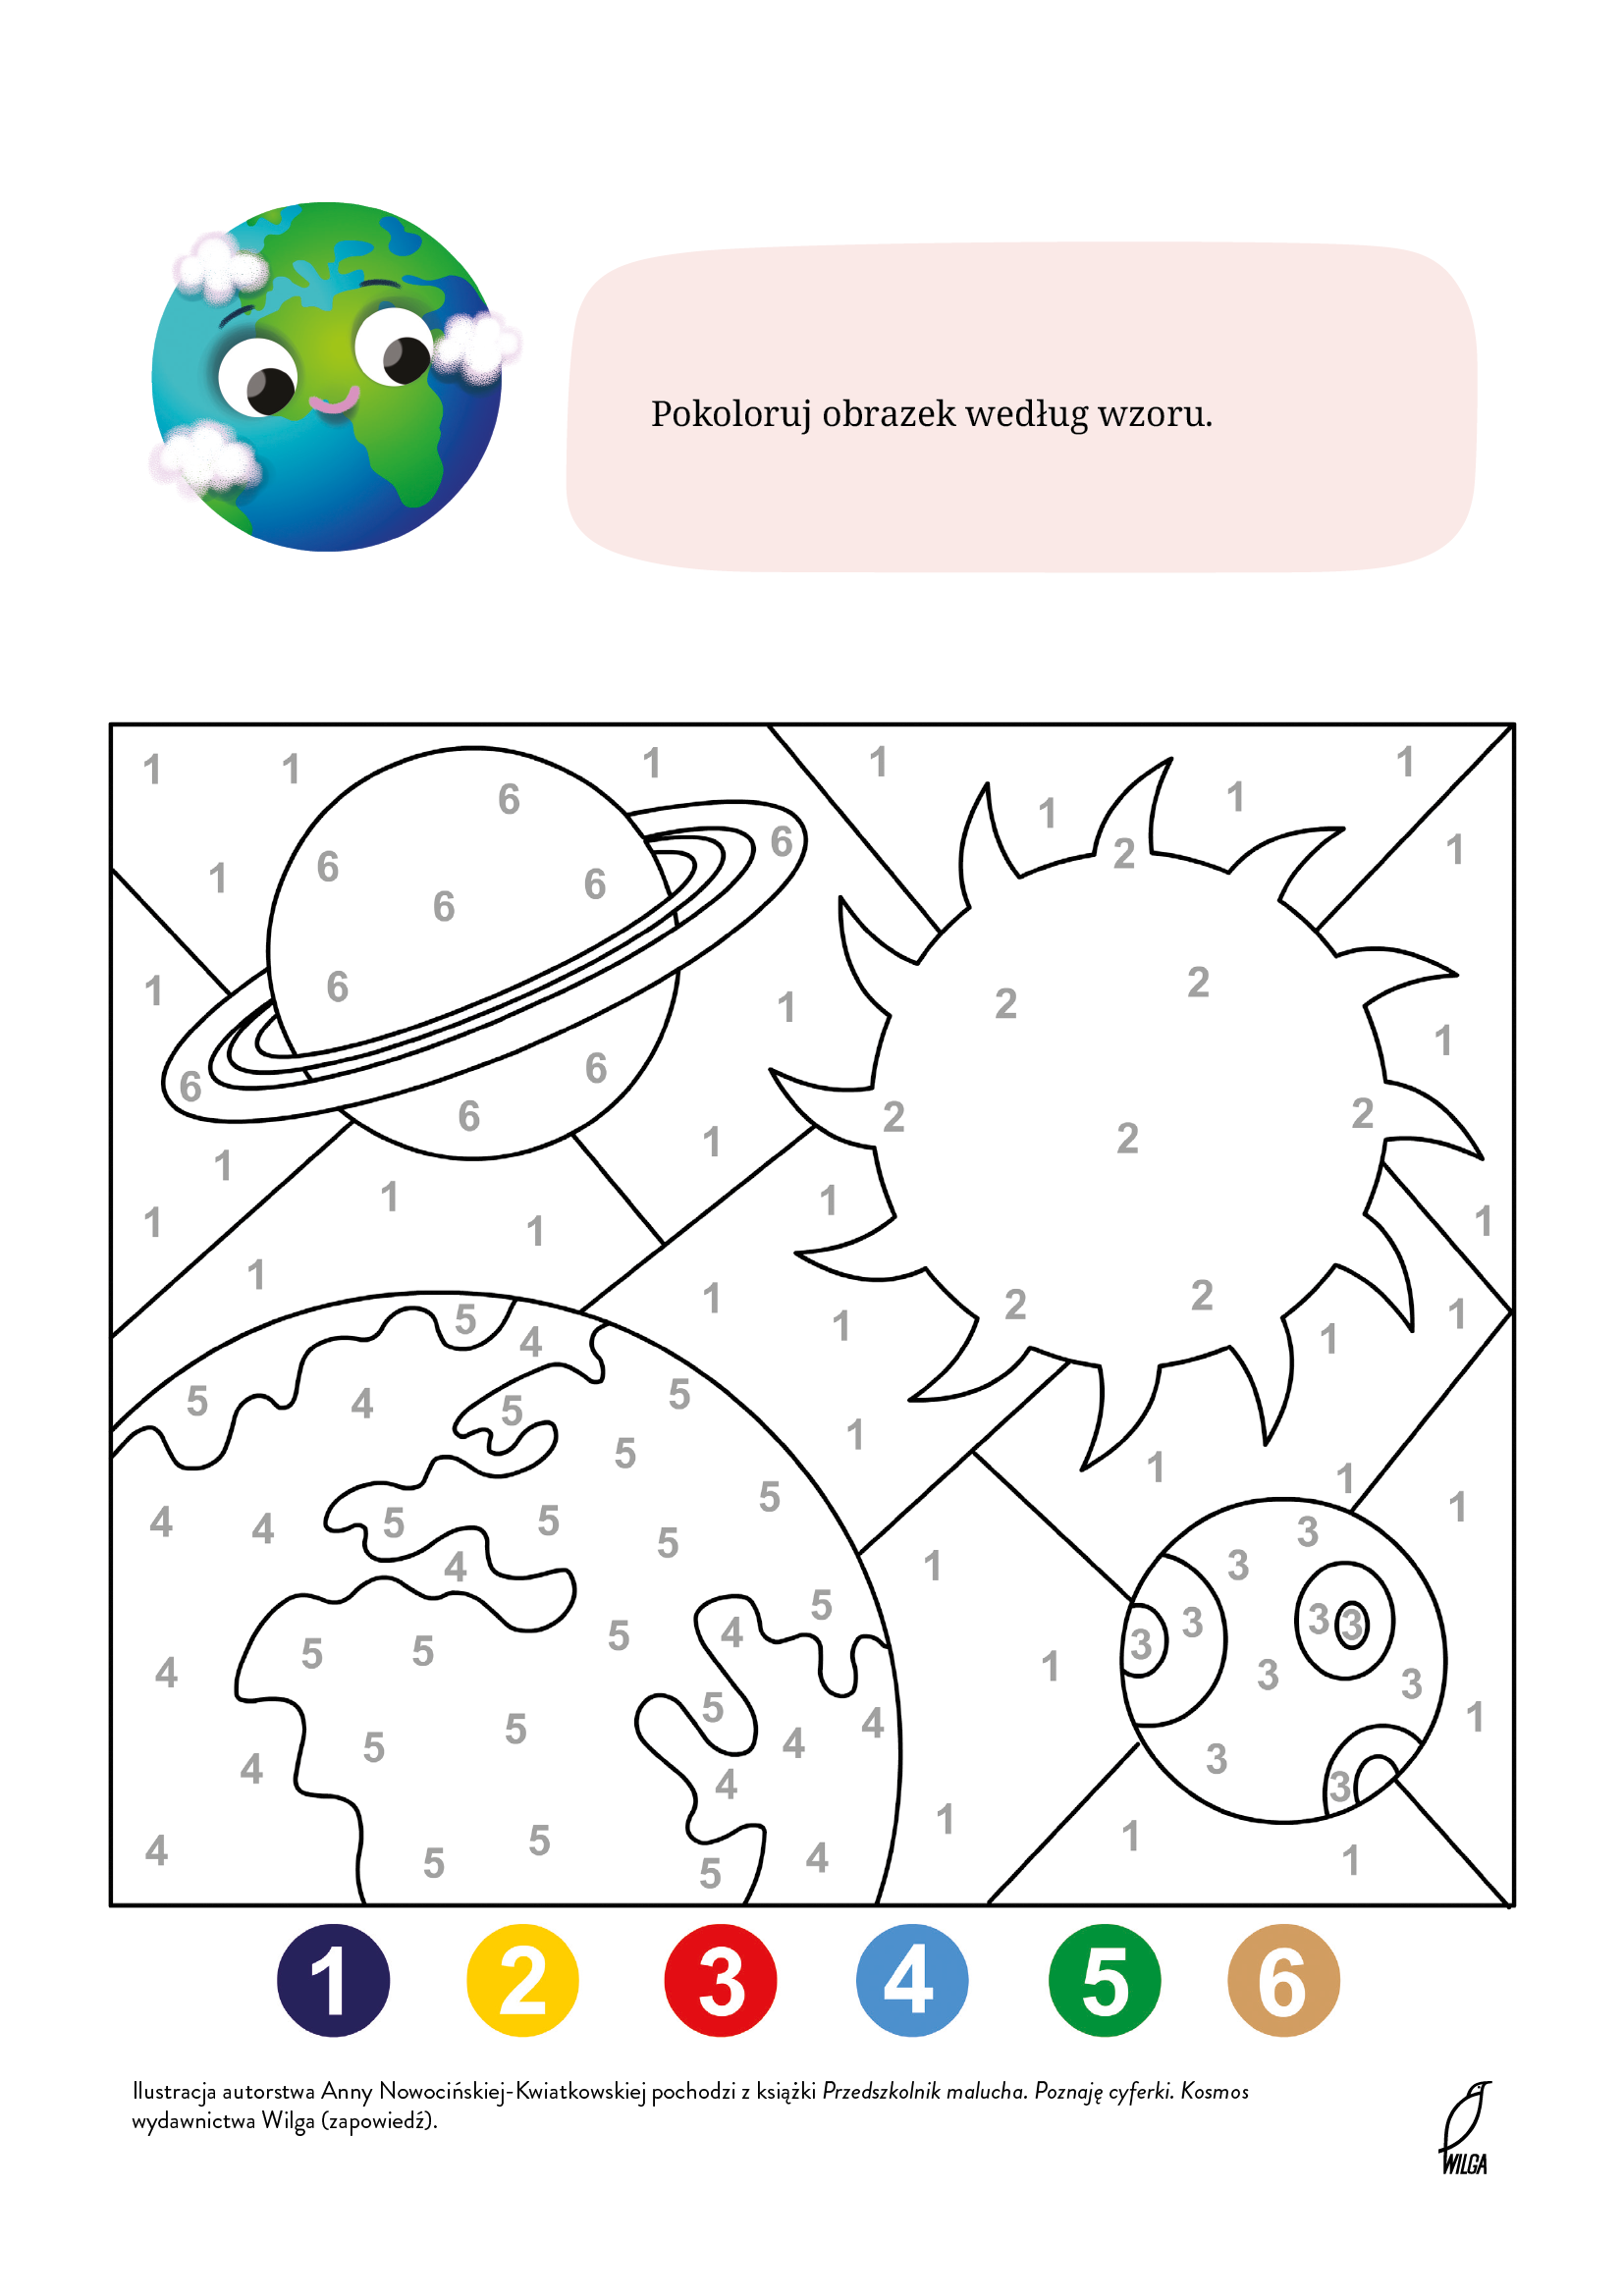 Pokoloruj kosmos według wzoru, kolorowanka do wydrukowania. Bezpłatne malowanki do pobrania